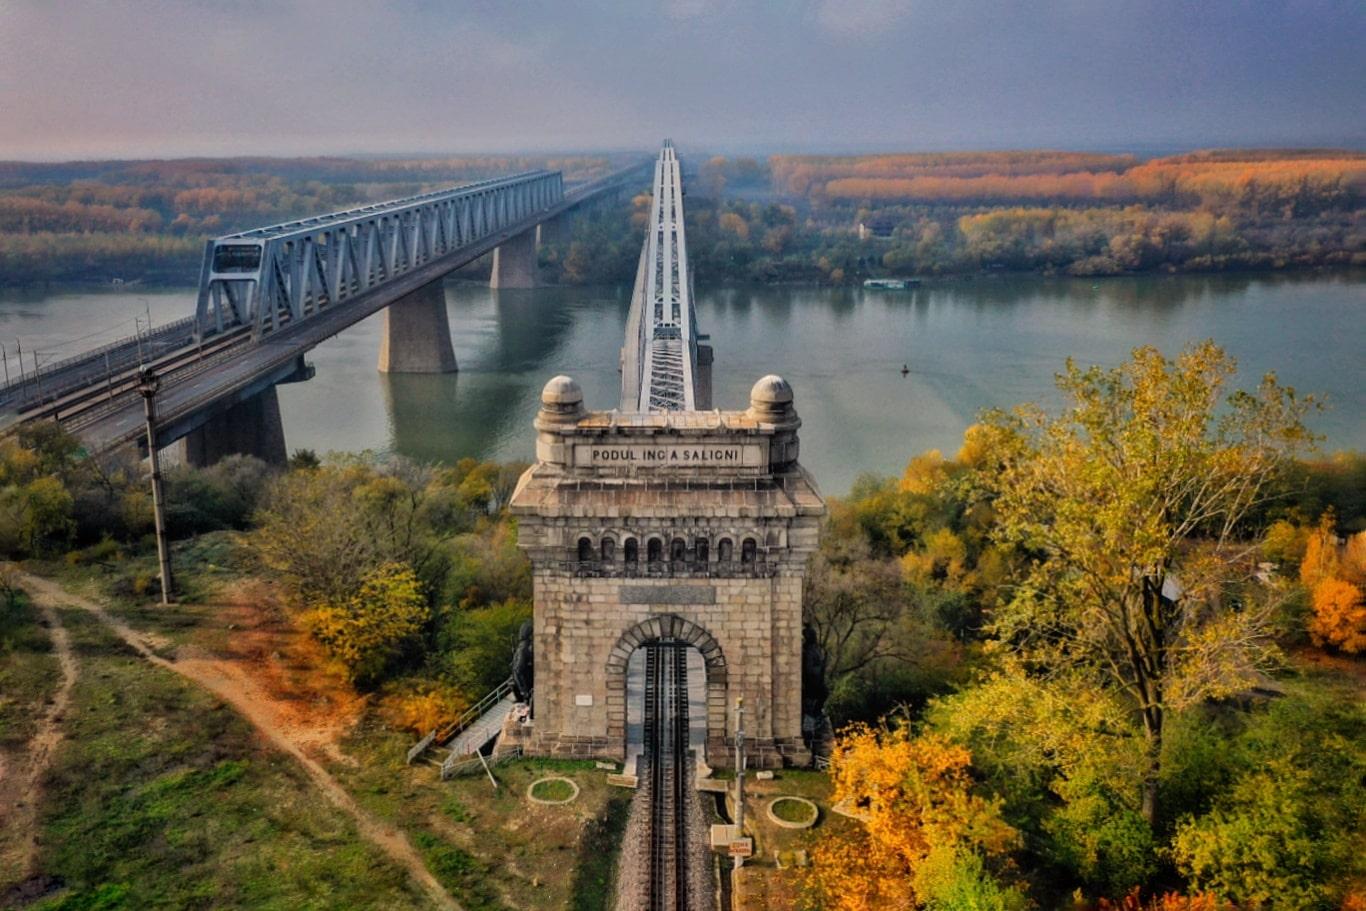 Podul Carol I, construcția legendară care a legat Dobrogea de România